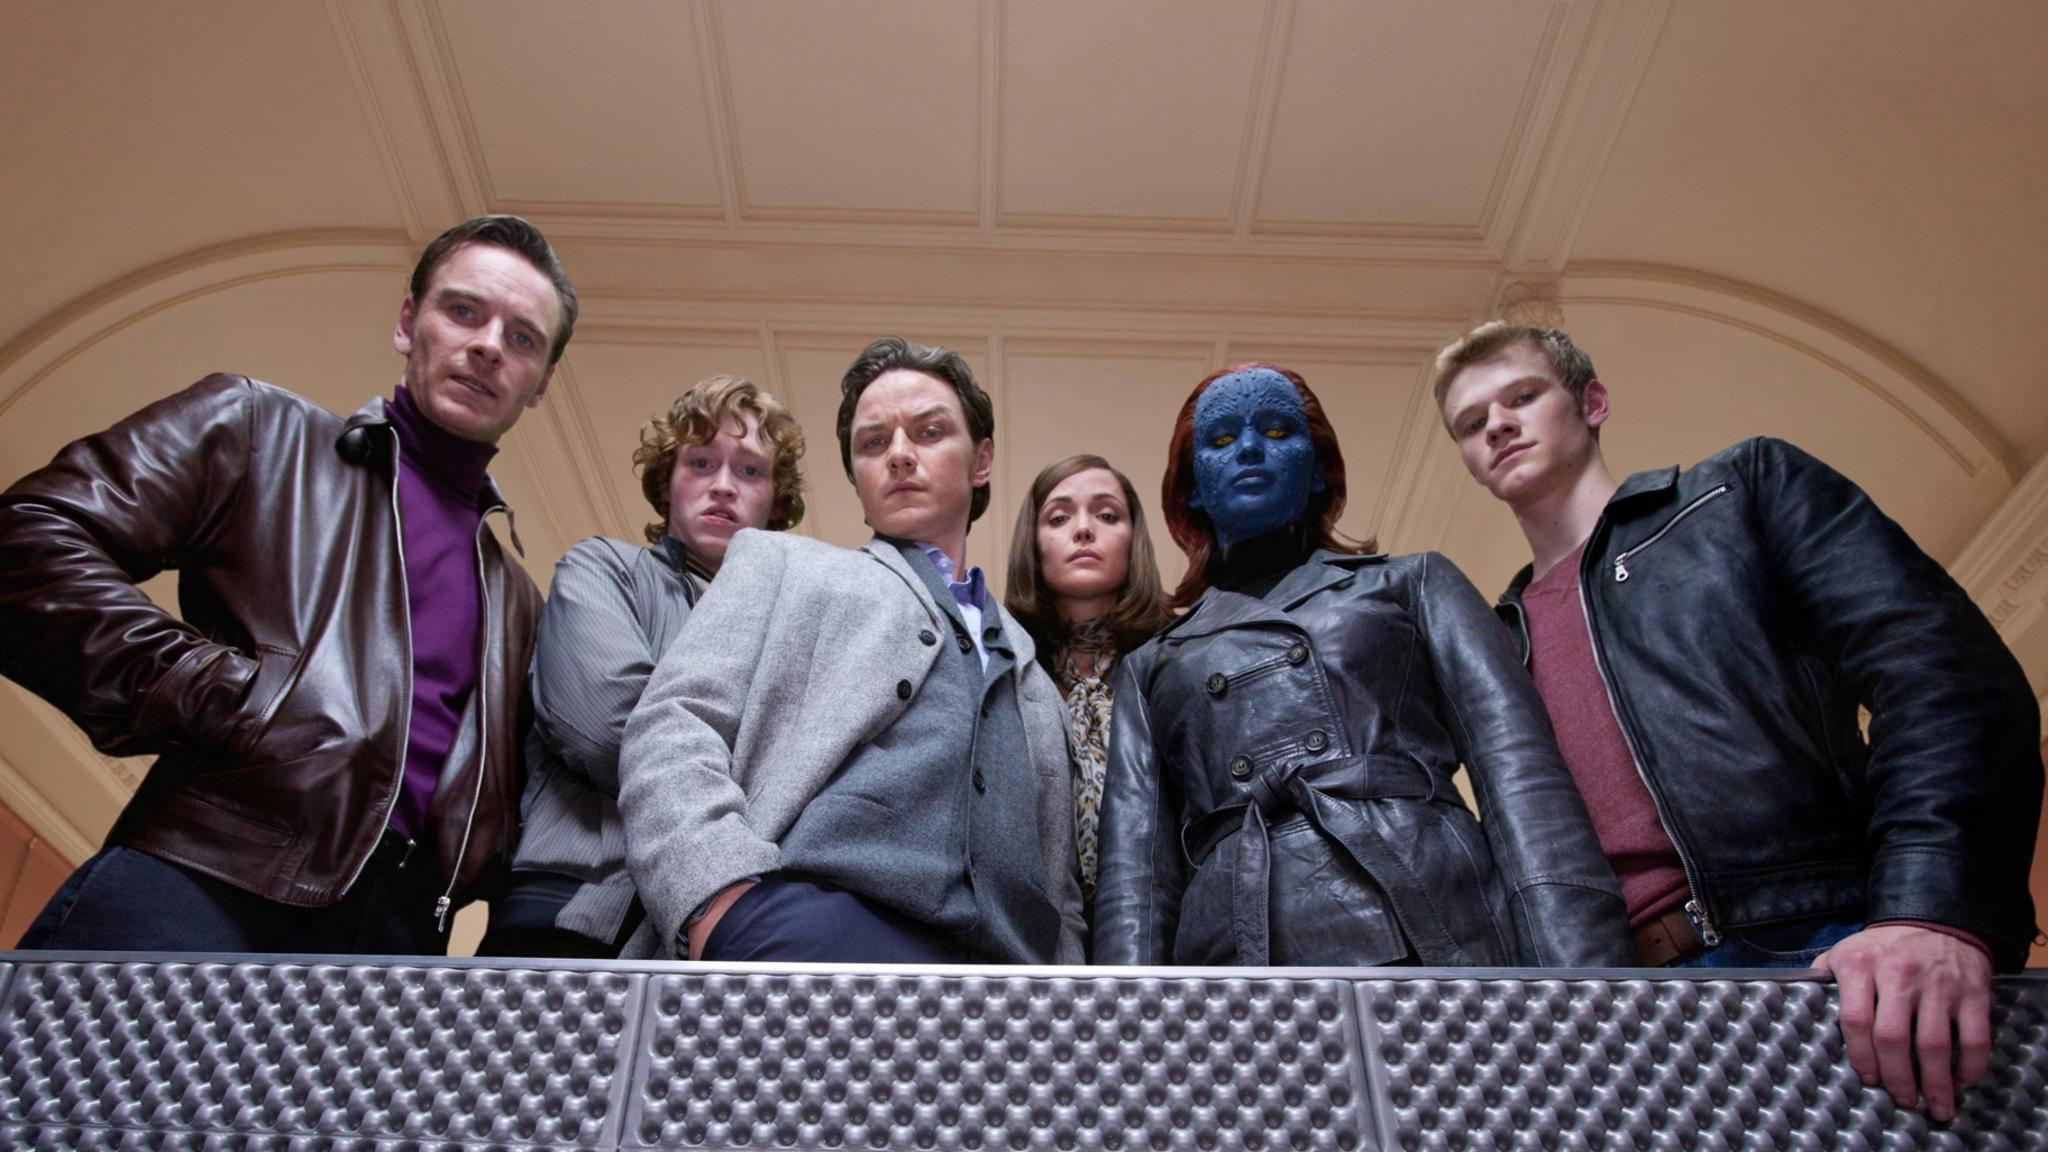 Skepsis bei den X-Men? Den Marvel-Helden steht 2019 ein Umzug bevor.